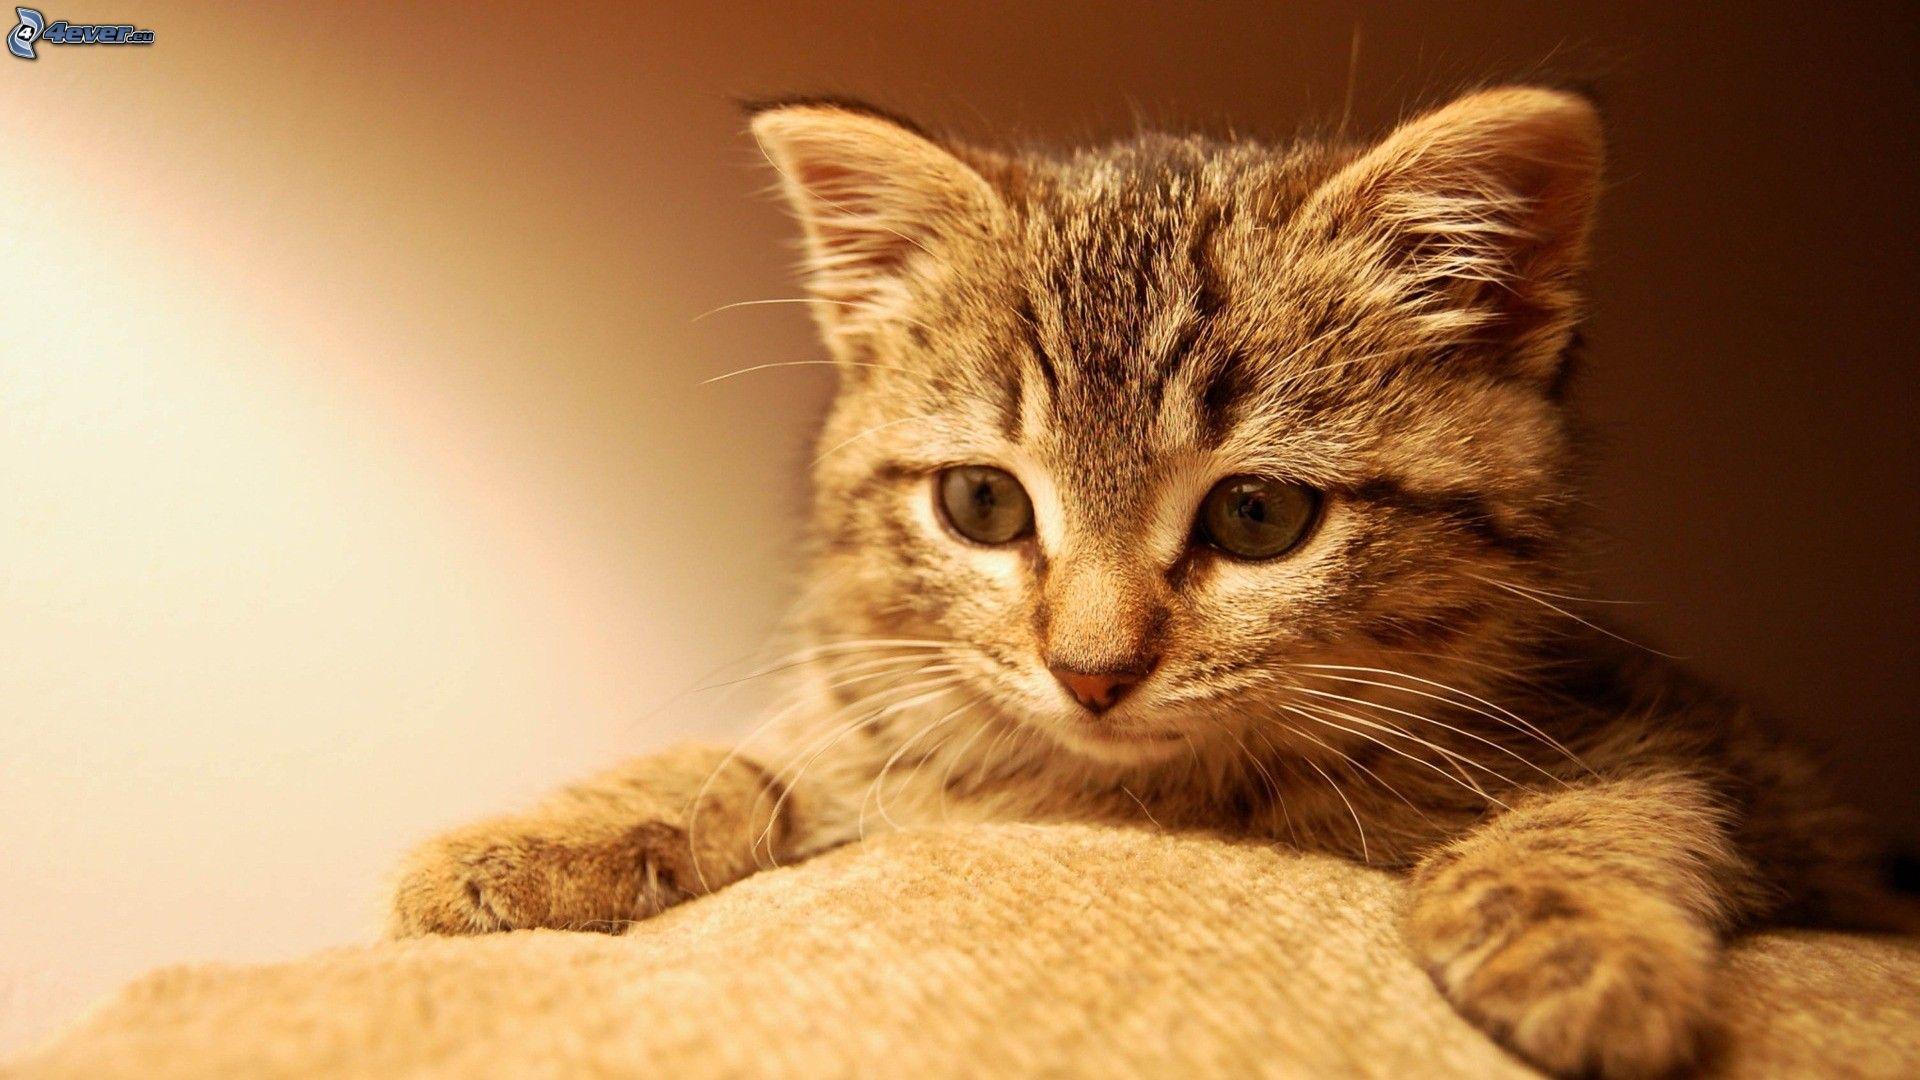 cute kitten wallpapers free download